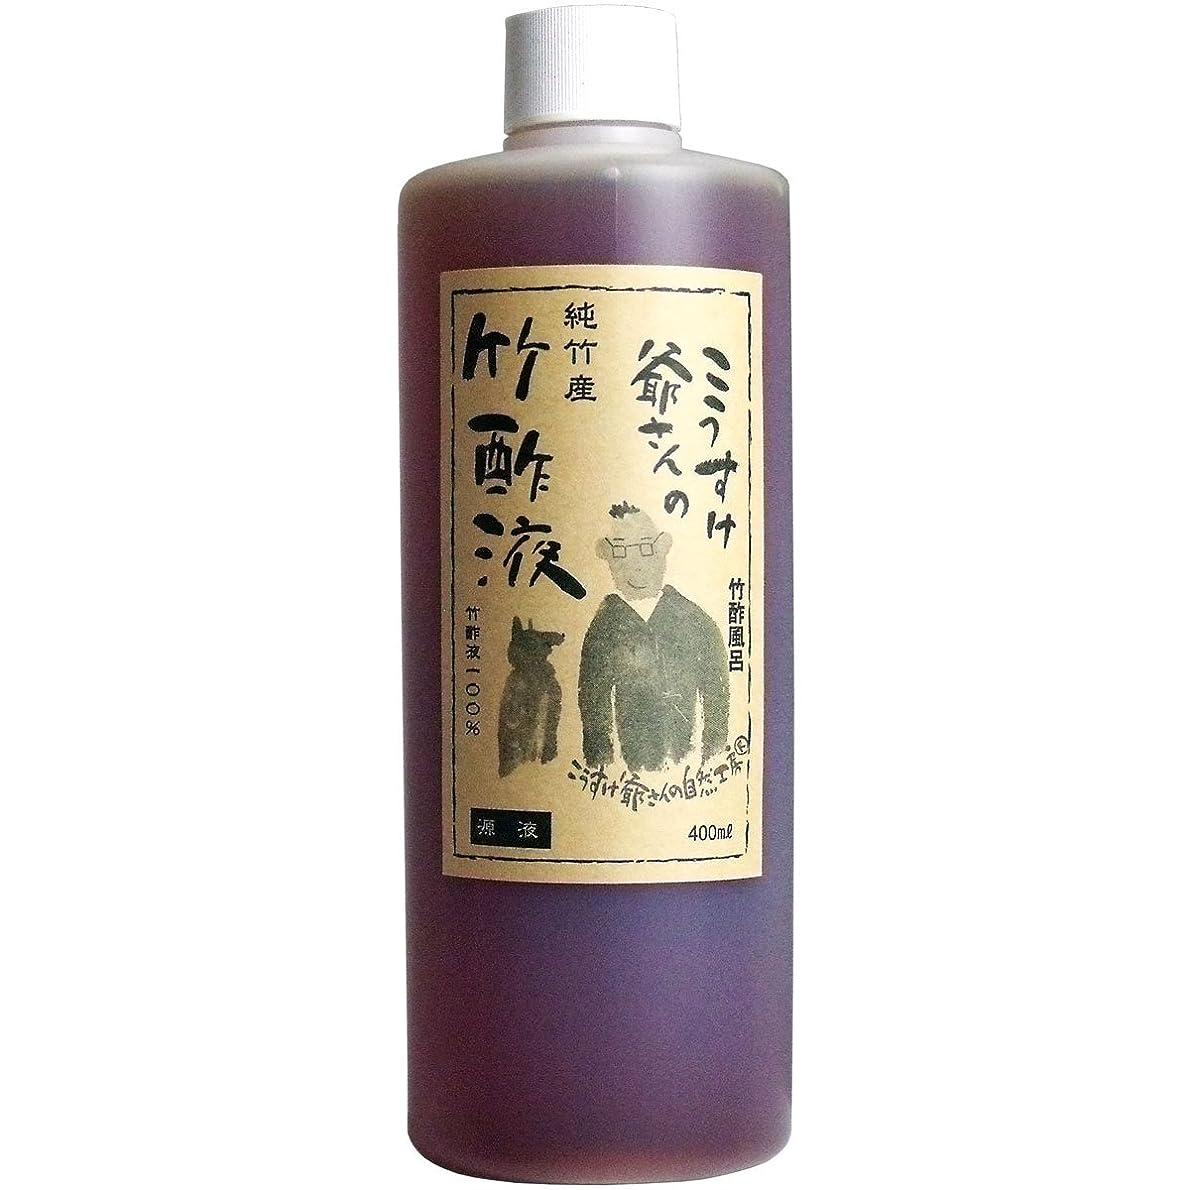 素晴らしきのぞき穴高く竹酢液100% お風呂に入れるとお肌がしっとり 美容 こうすけ爺さんの純竹産 竹酢液100%原液 竹酢風呂 400mL【4個セット】